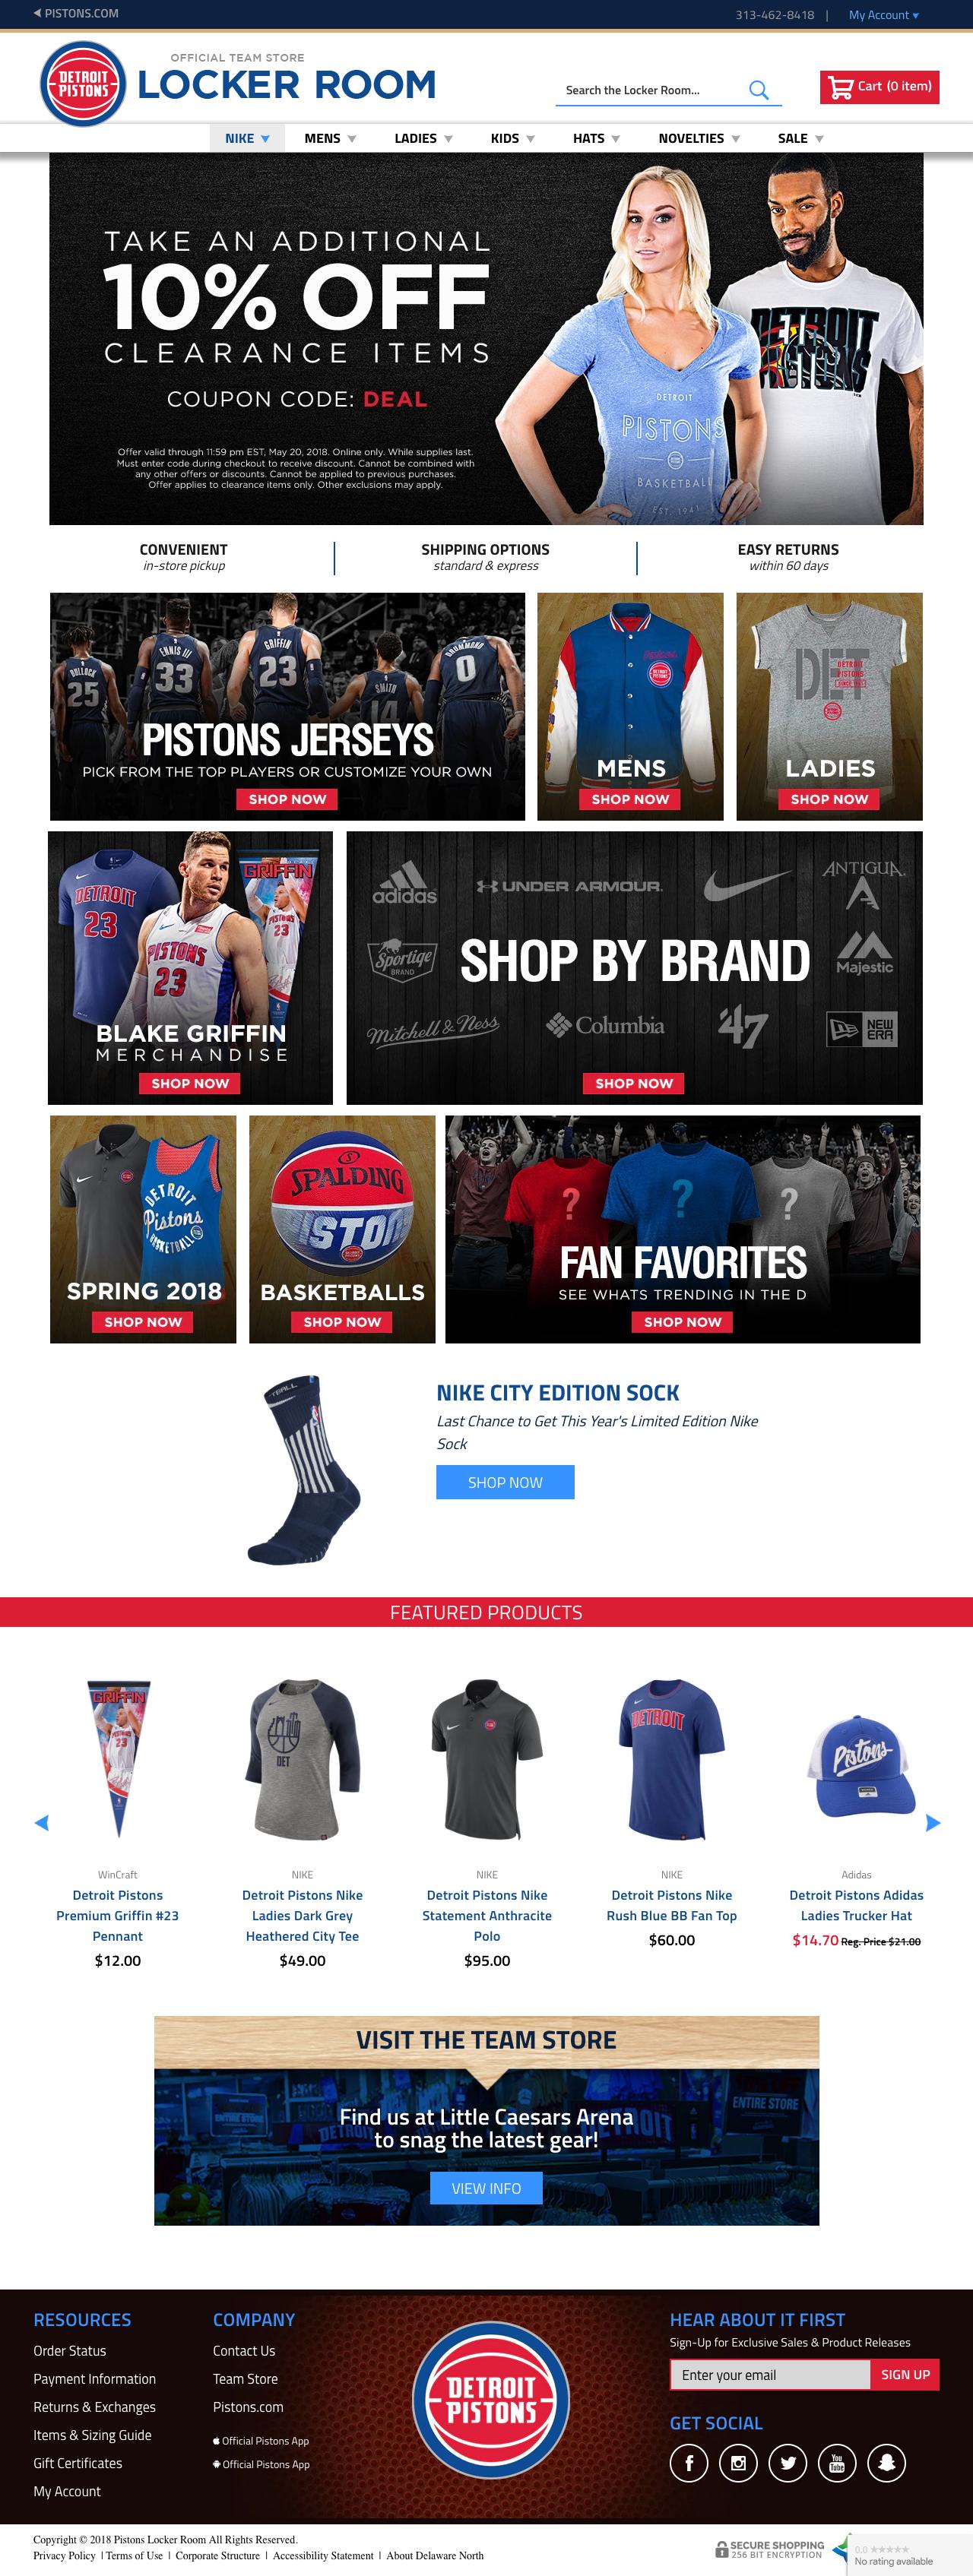 Detroit Pistons -  www.pistsonslockerroomstore.com